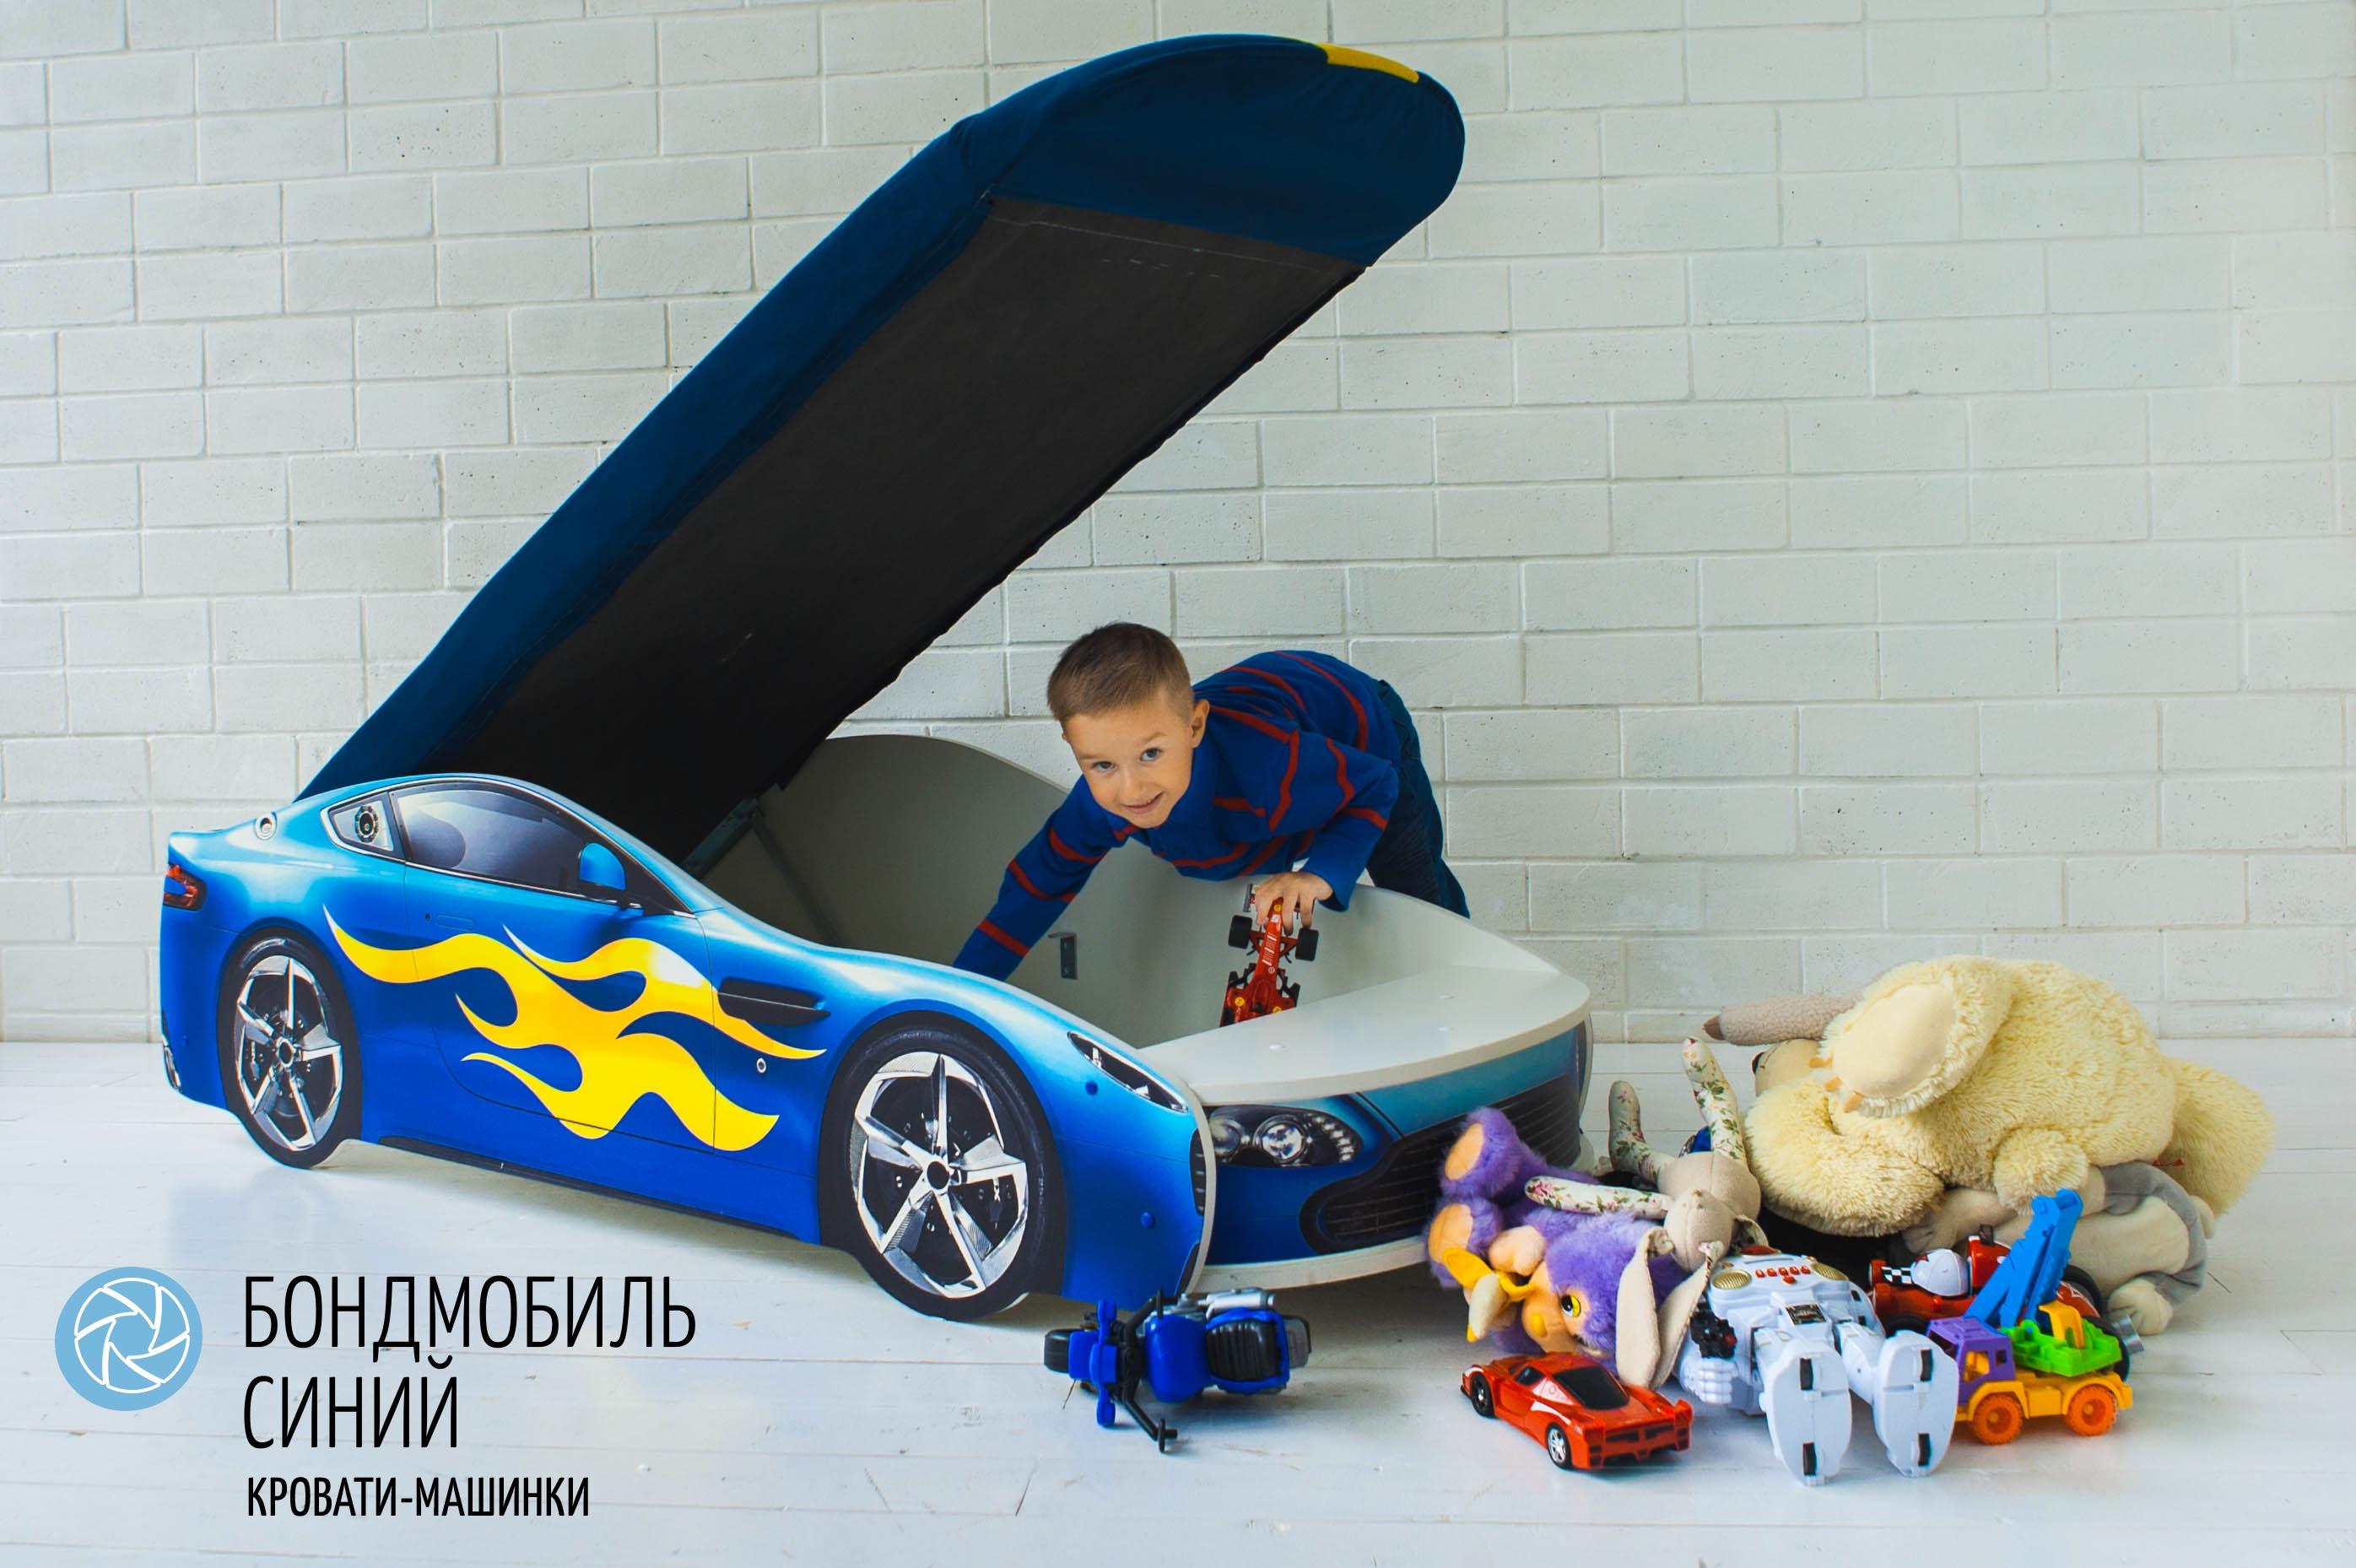 Детская кровать-машина синий -Бондмобиль-14